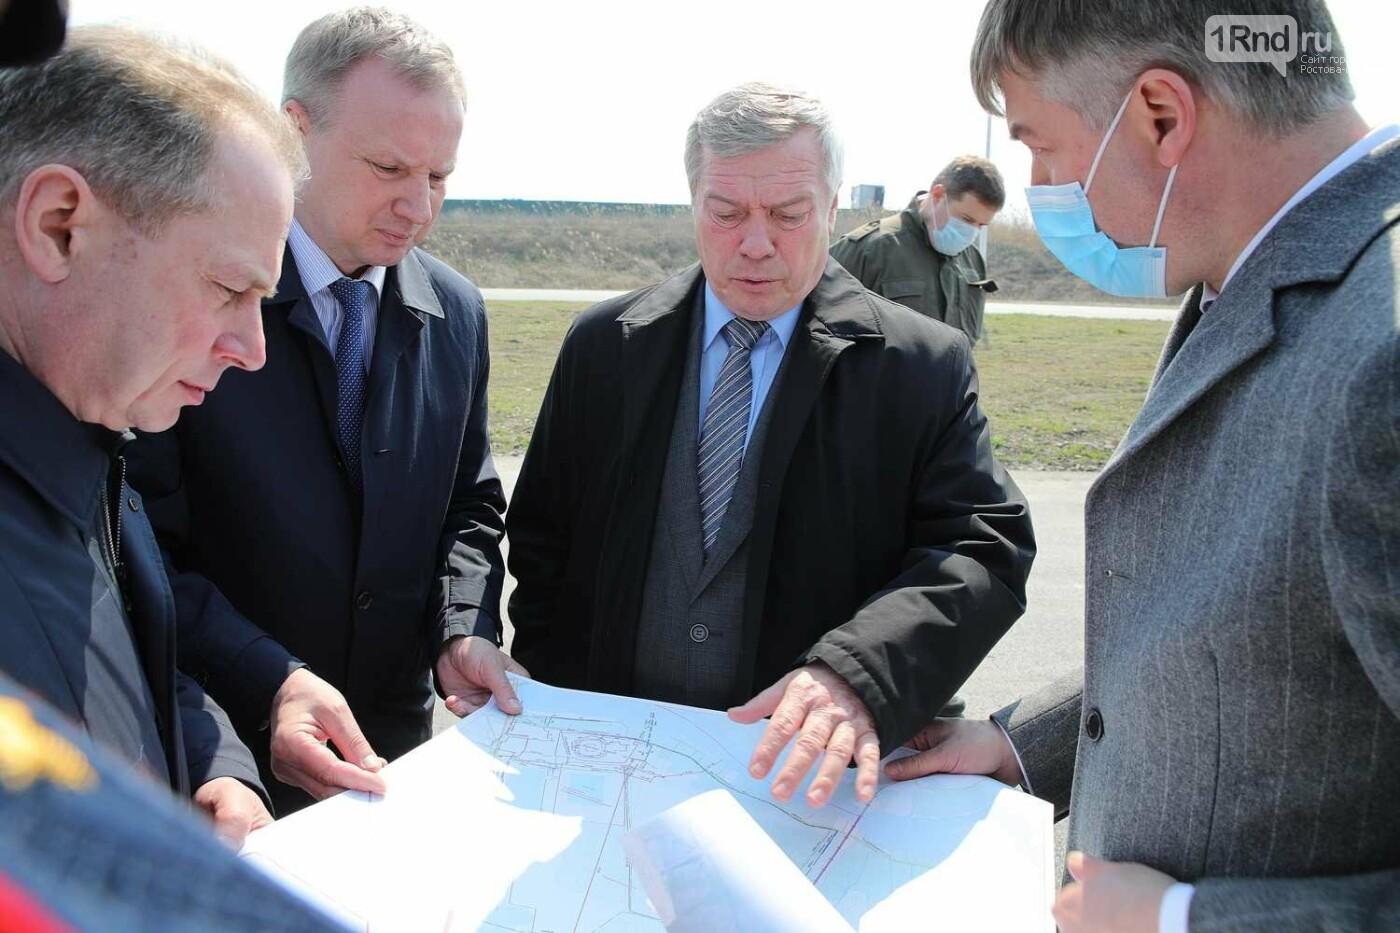 Глава чрезвычайного ведомства России прибыл в Ростов-на-Дону, фото-1